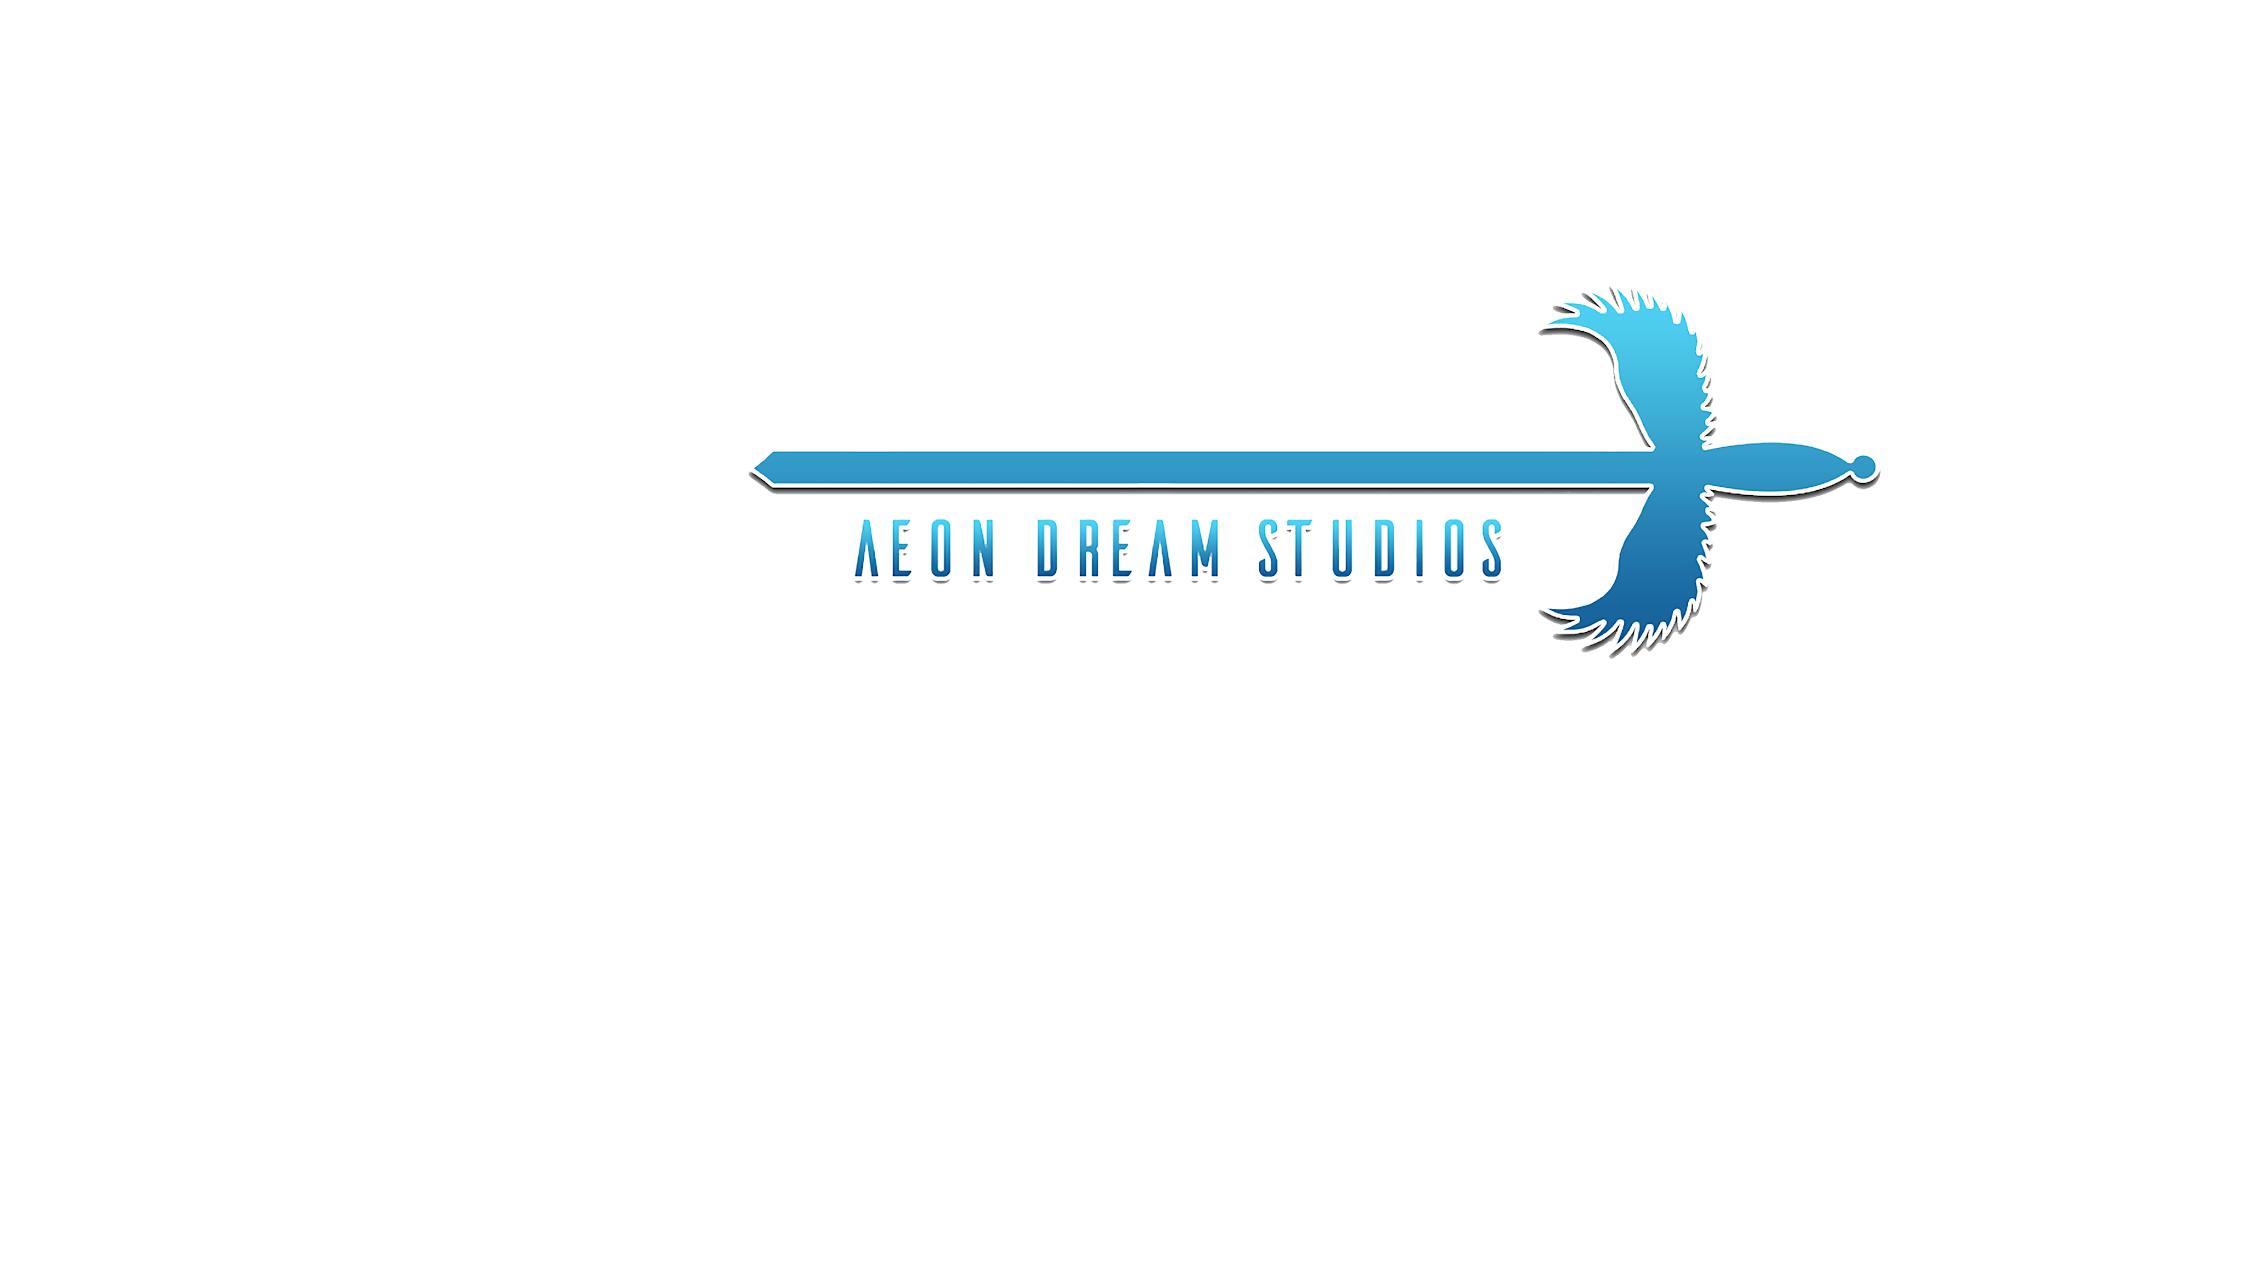 Aeon Dream Studios